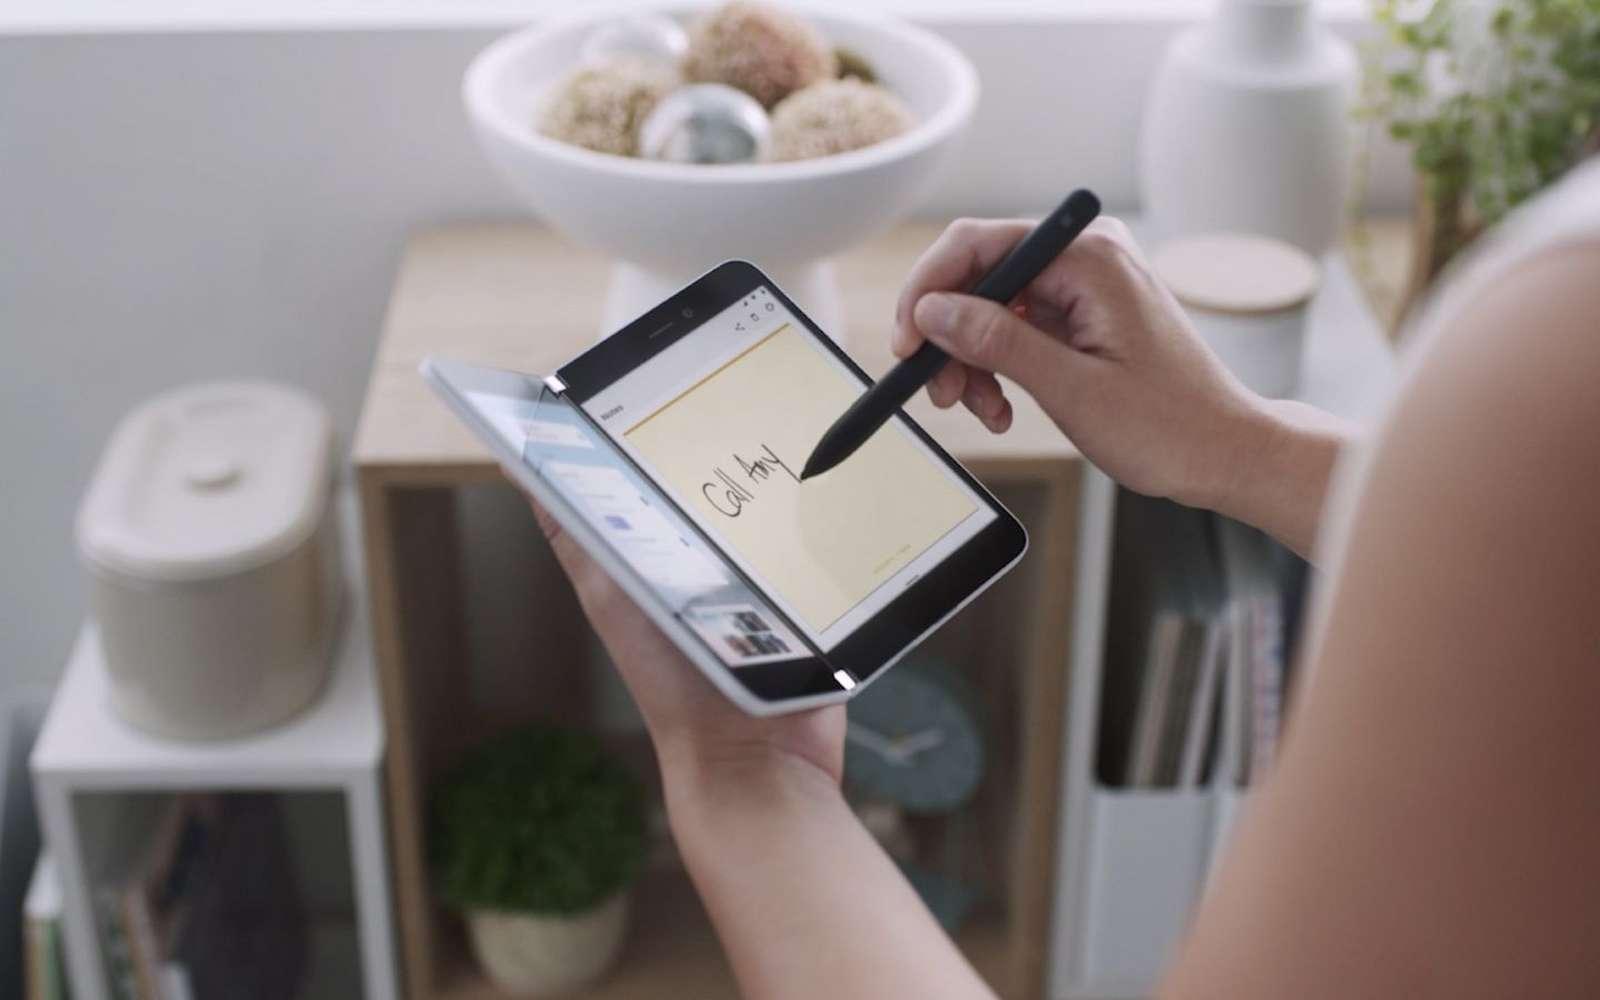 Le Surface Duo de Microsoft sera commercialisé le 10 septembre et il est déjà disponible en précommande. © Microsoft